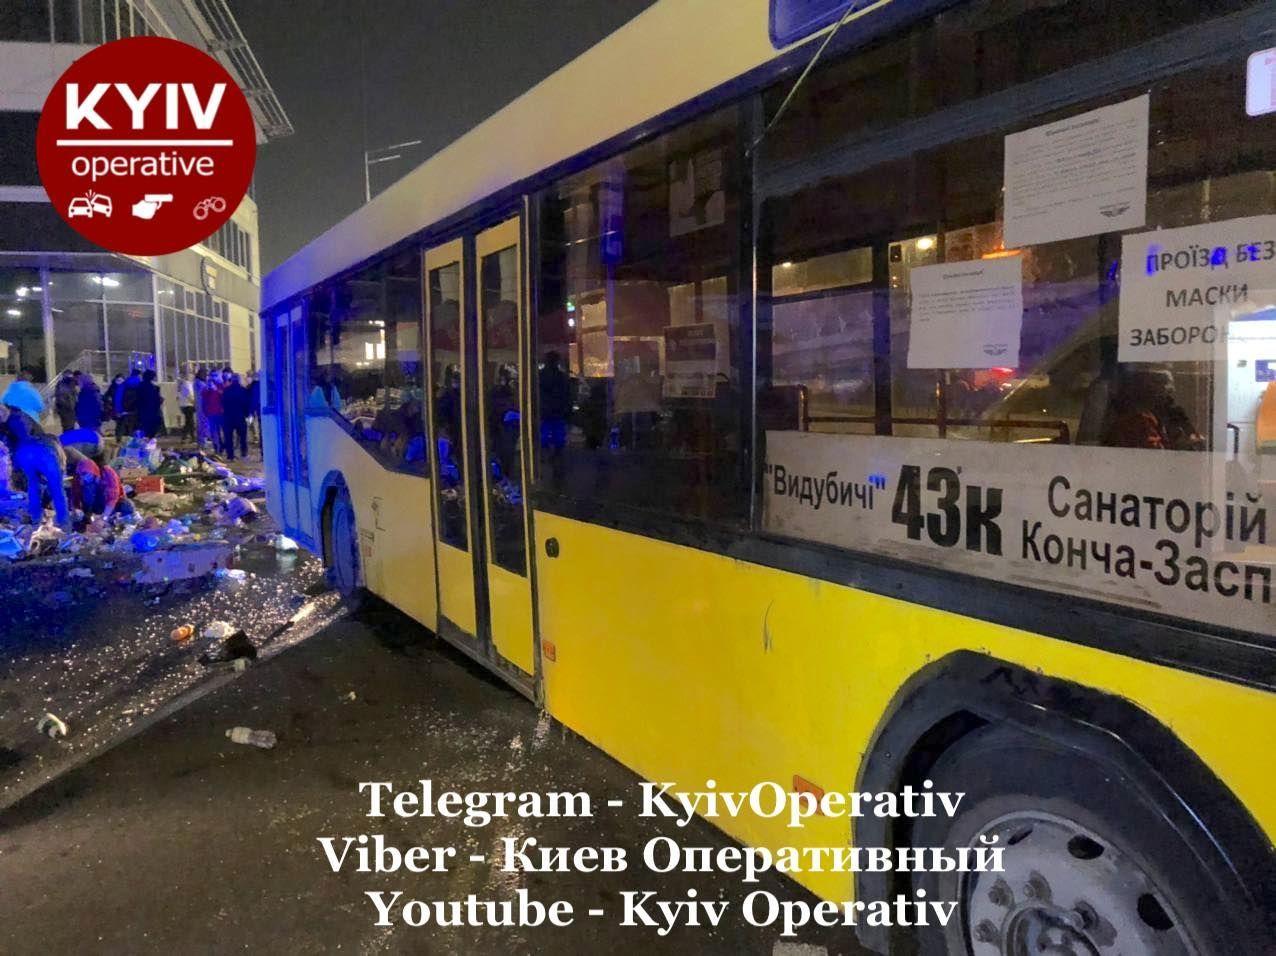 Смертельное ДТП в Киеве - автобус снес остановку, полную людей - фото 7